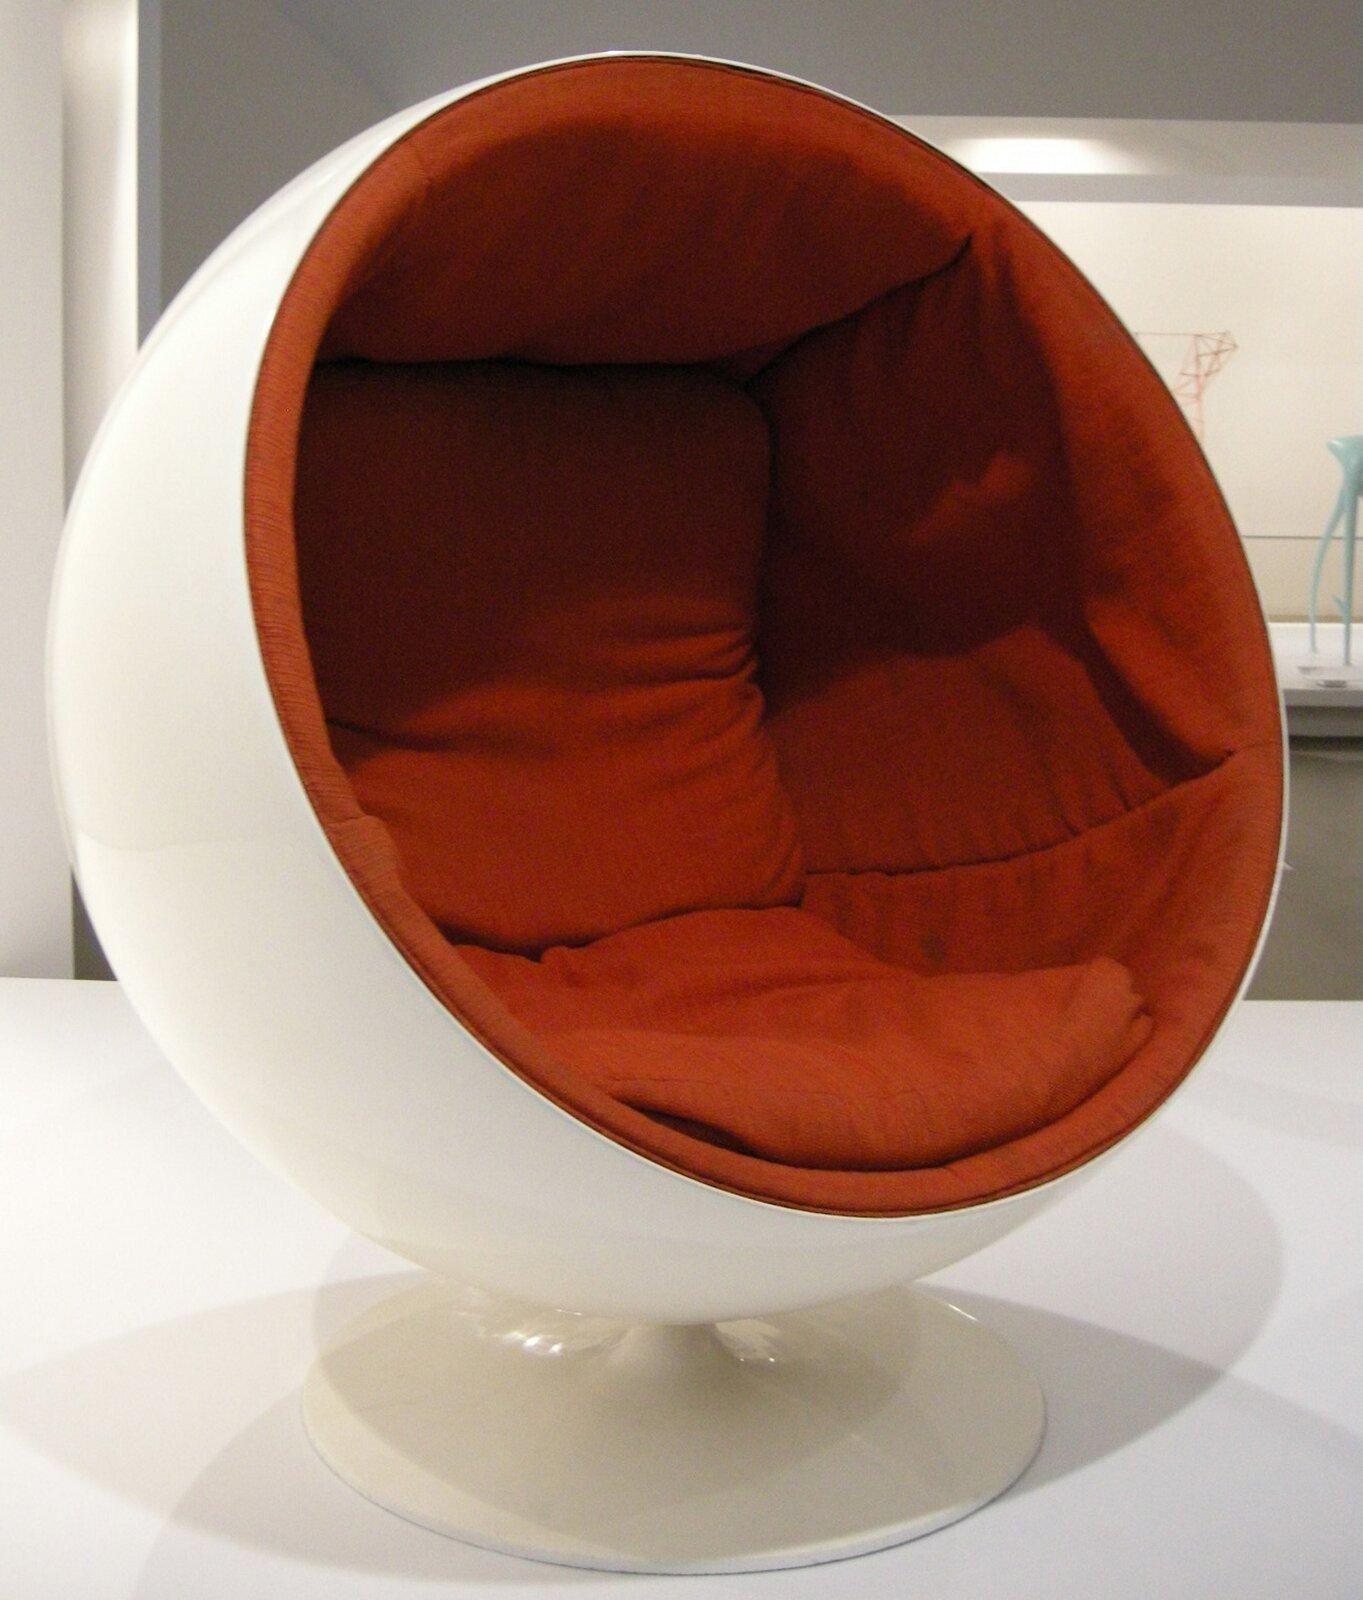 Ilustracja interaktywna przedstawia krzesło zaprojektowane przez Eero Aarnio. Krzesło stanowi wgłównej części wielką półkulę, wktórej jest umieszczone siedzisko. Półkula jest biała, siedzisko natomiast pomarańczowe. Cała konstrukcja utrzymana jest na niewielkiej białej stopce. Mebel pomimo wielkich rozmiarów stanowi estetyczną kompozycję.